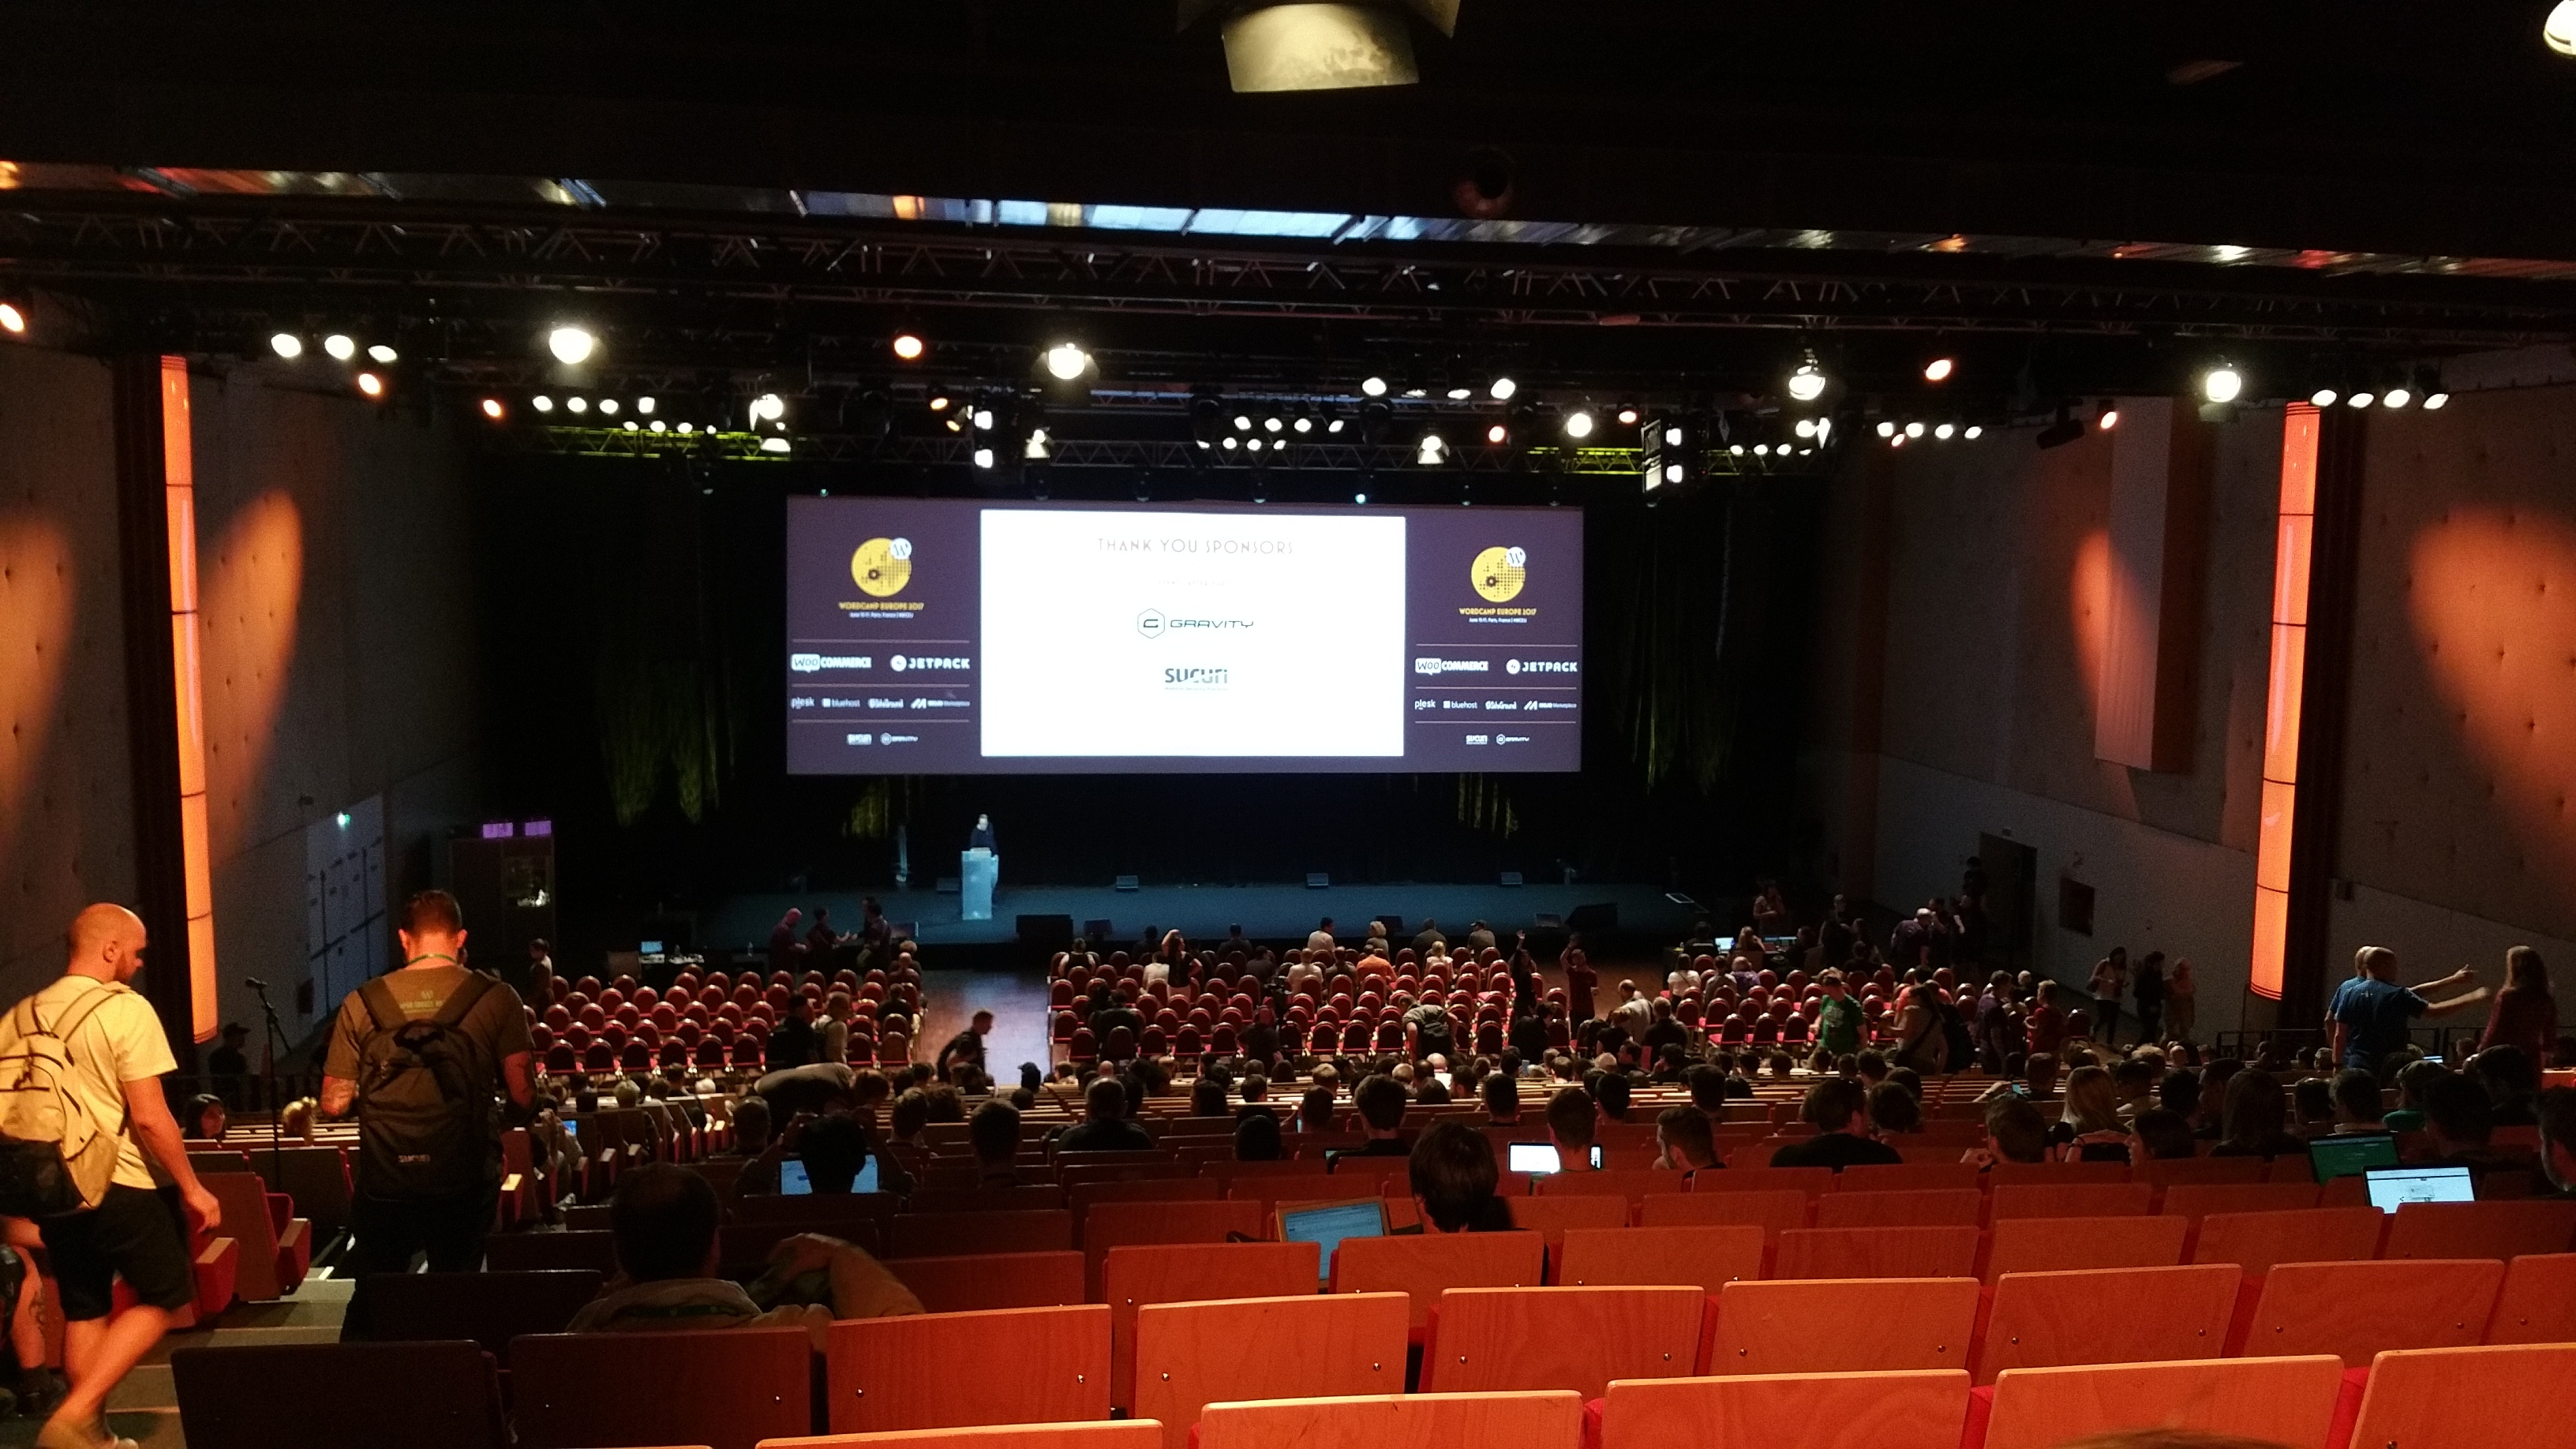 salle de conférence WordCamp Europe à Paris